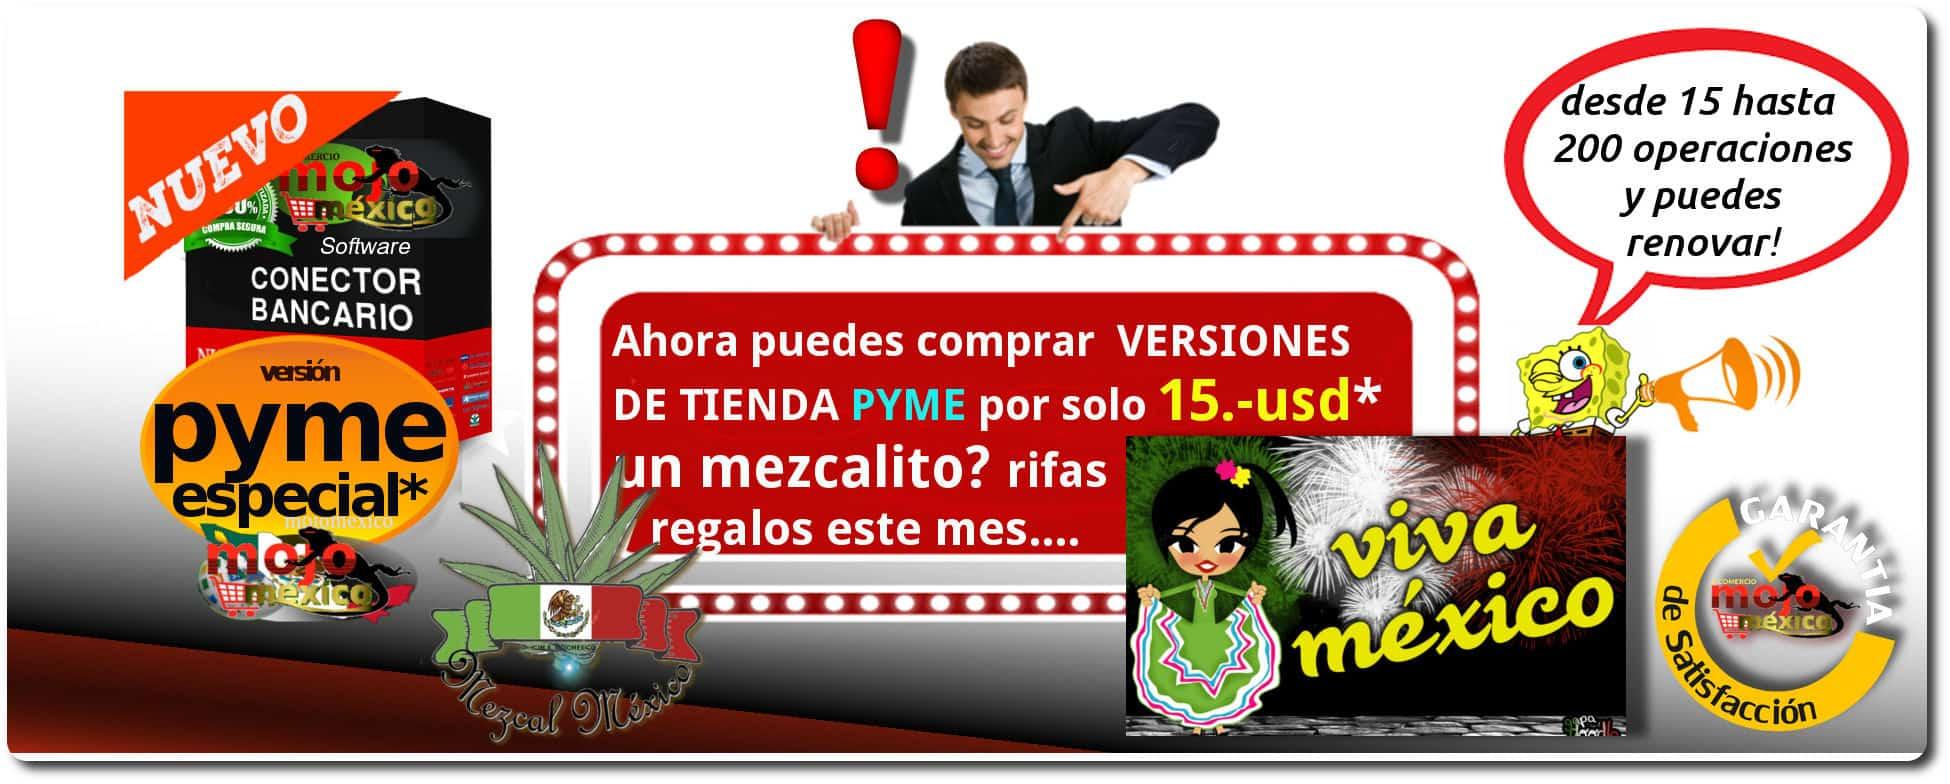 sliderR-fiesta2